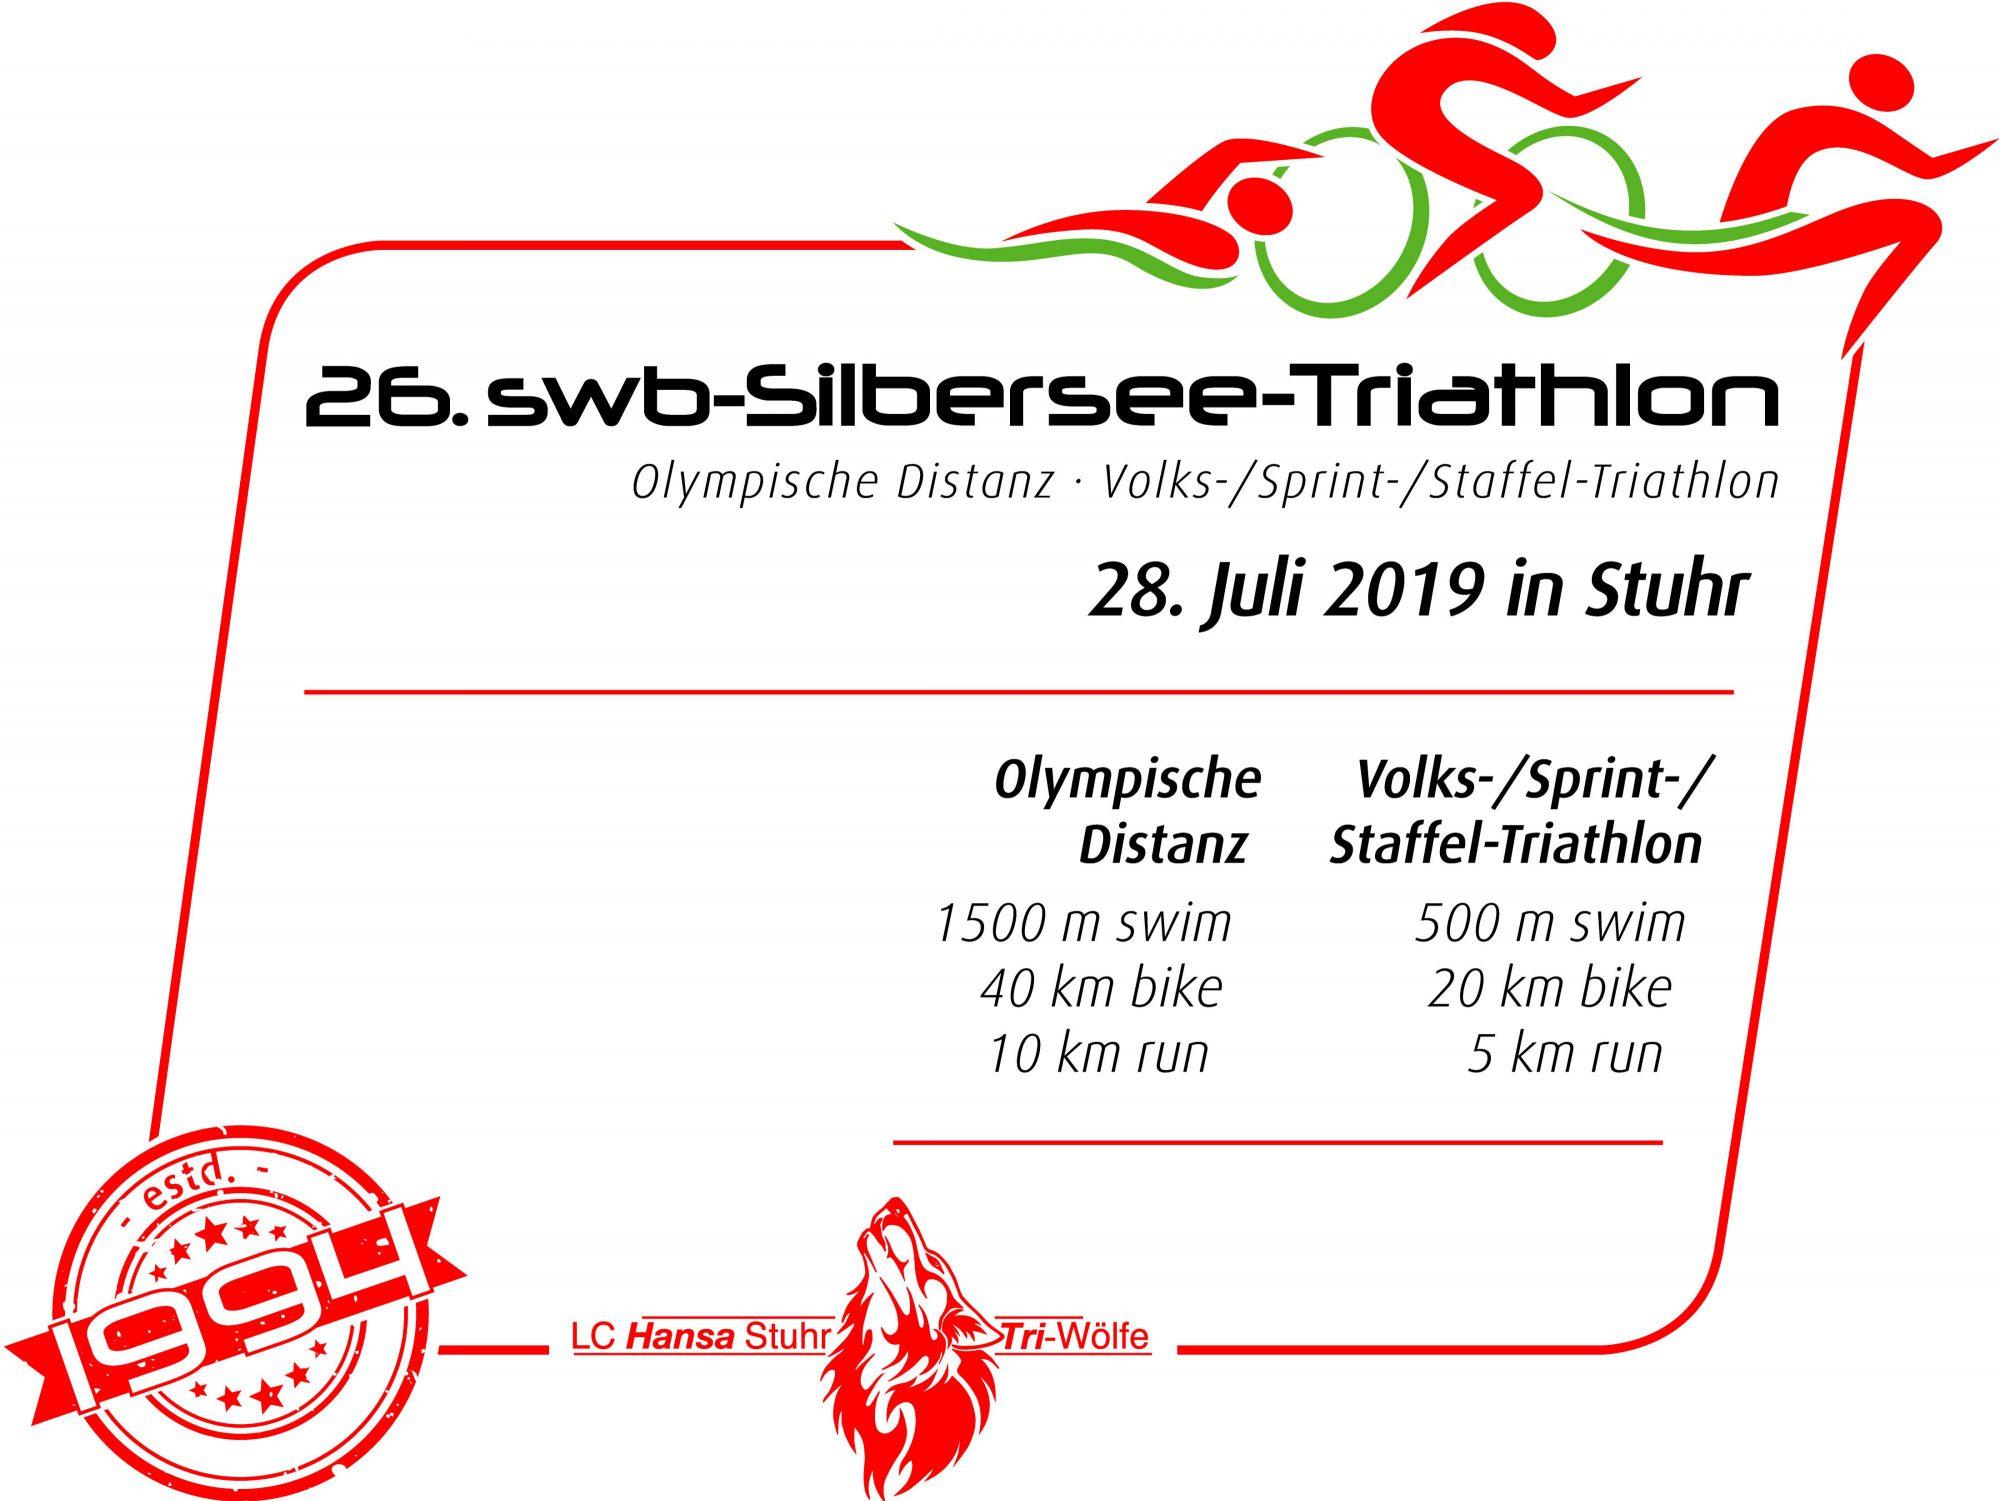 26. swb-Silbersee-Triathlon - 28.07.2019